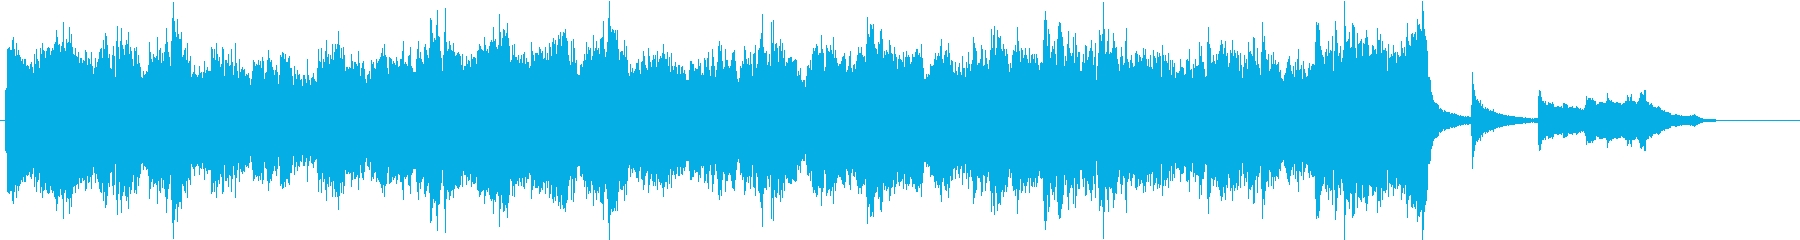 感動的ハリウッド風オーケストラ(短縮版)の再生済みの波形